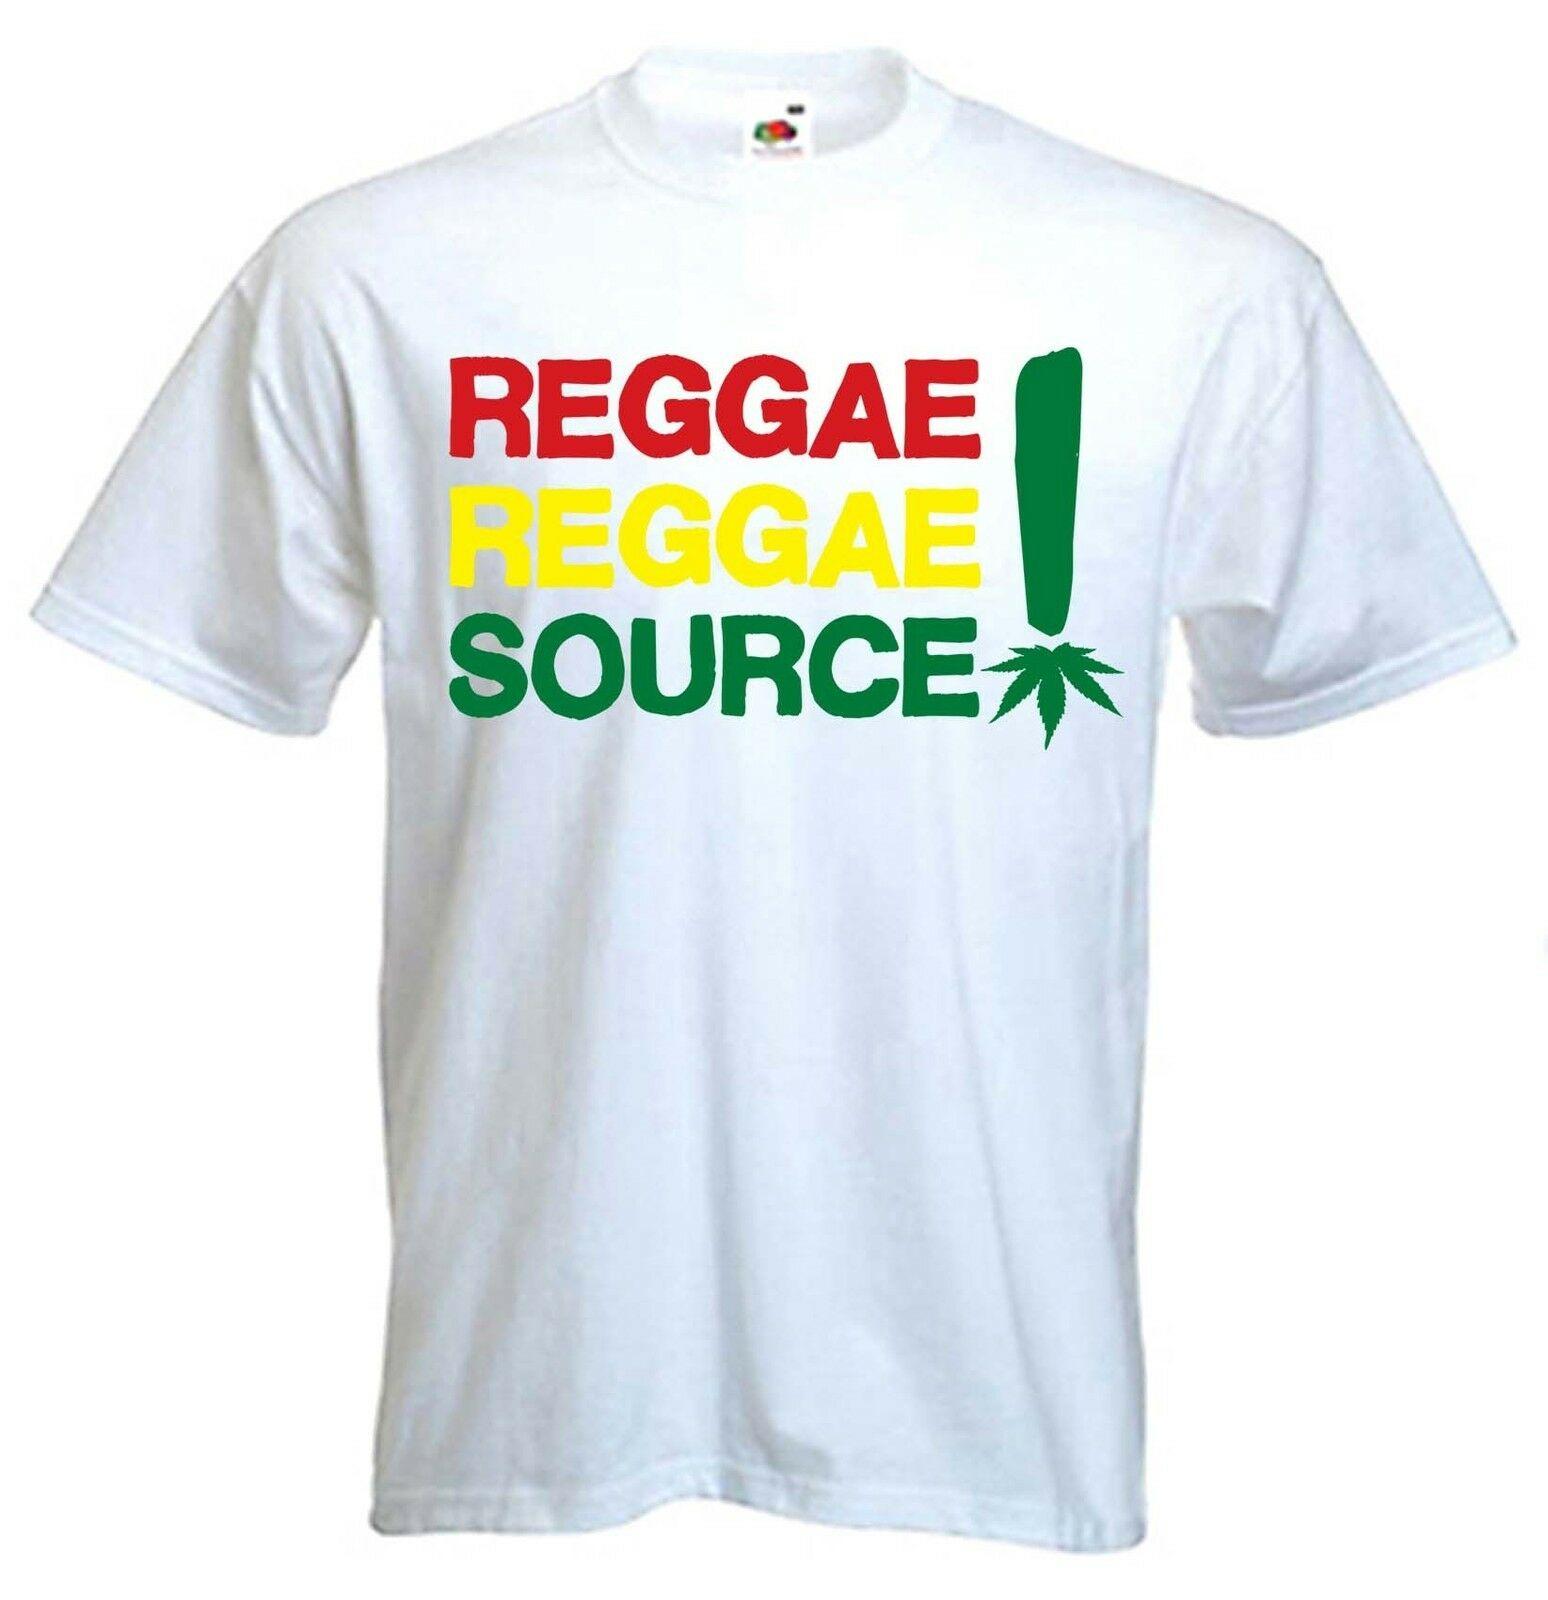 REGGAE REGGAE SOURCE T-SHIRT - Rastafarian Bob Marley Rasta Cannabis Marijuana 1